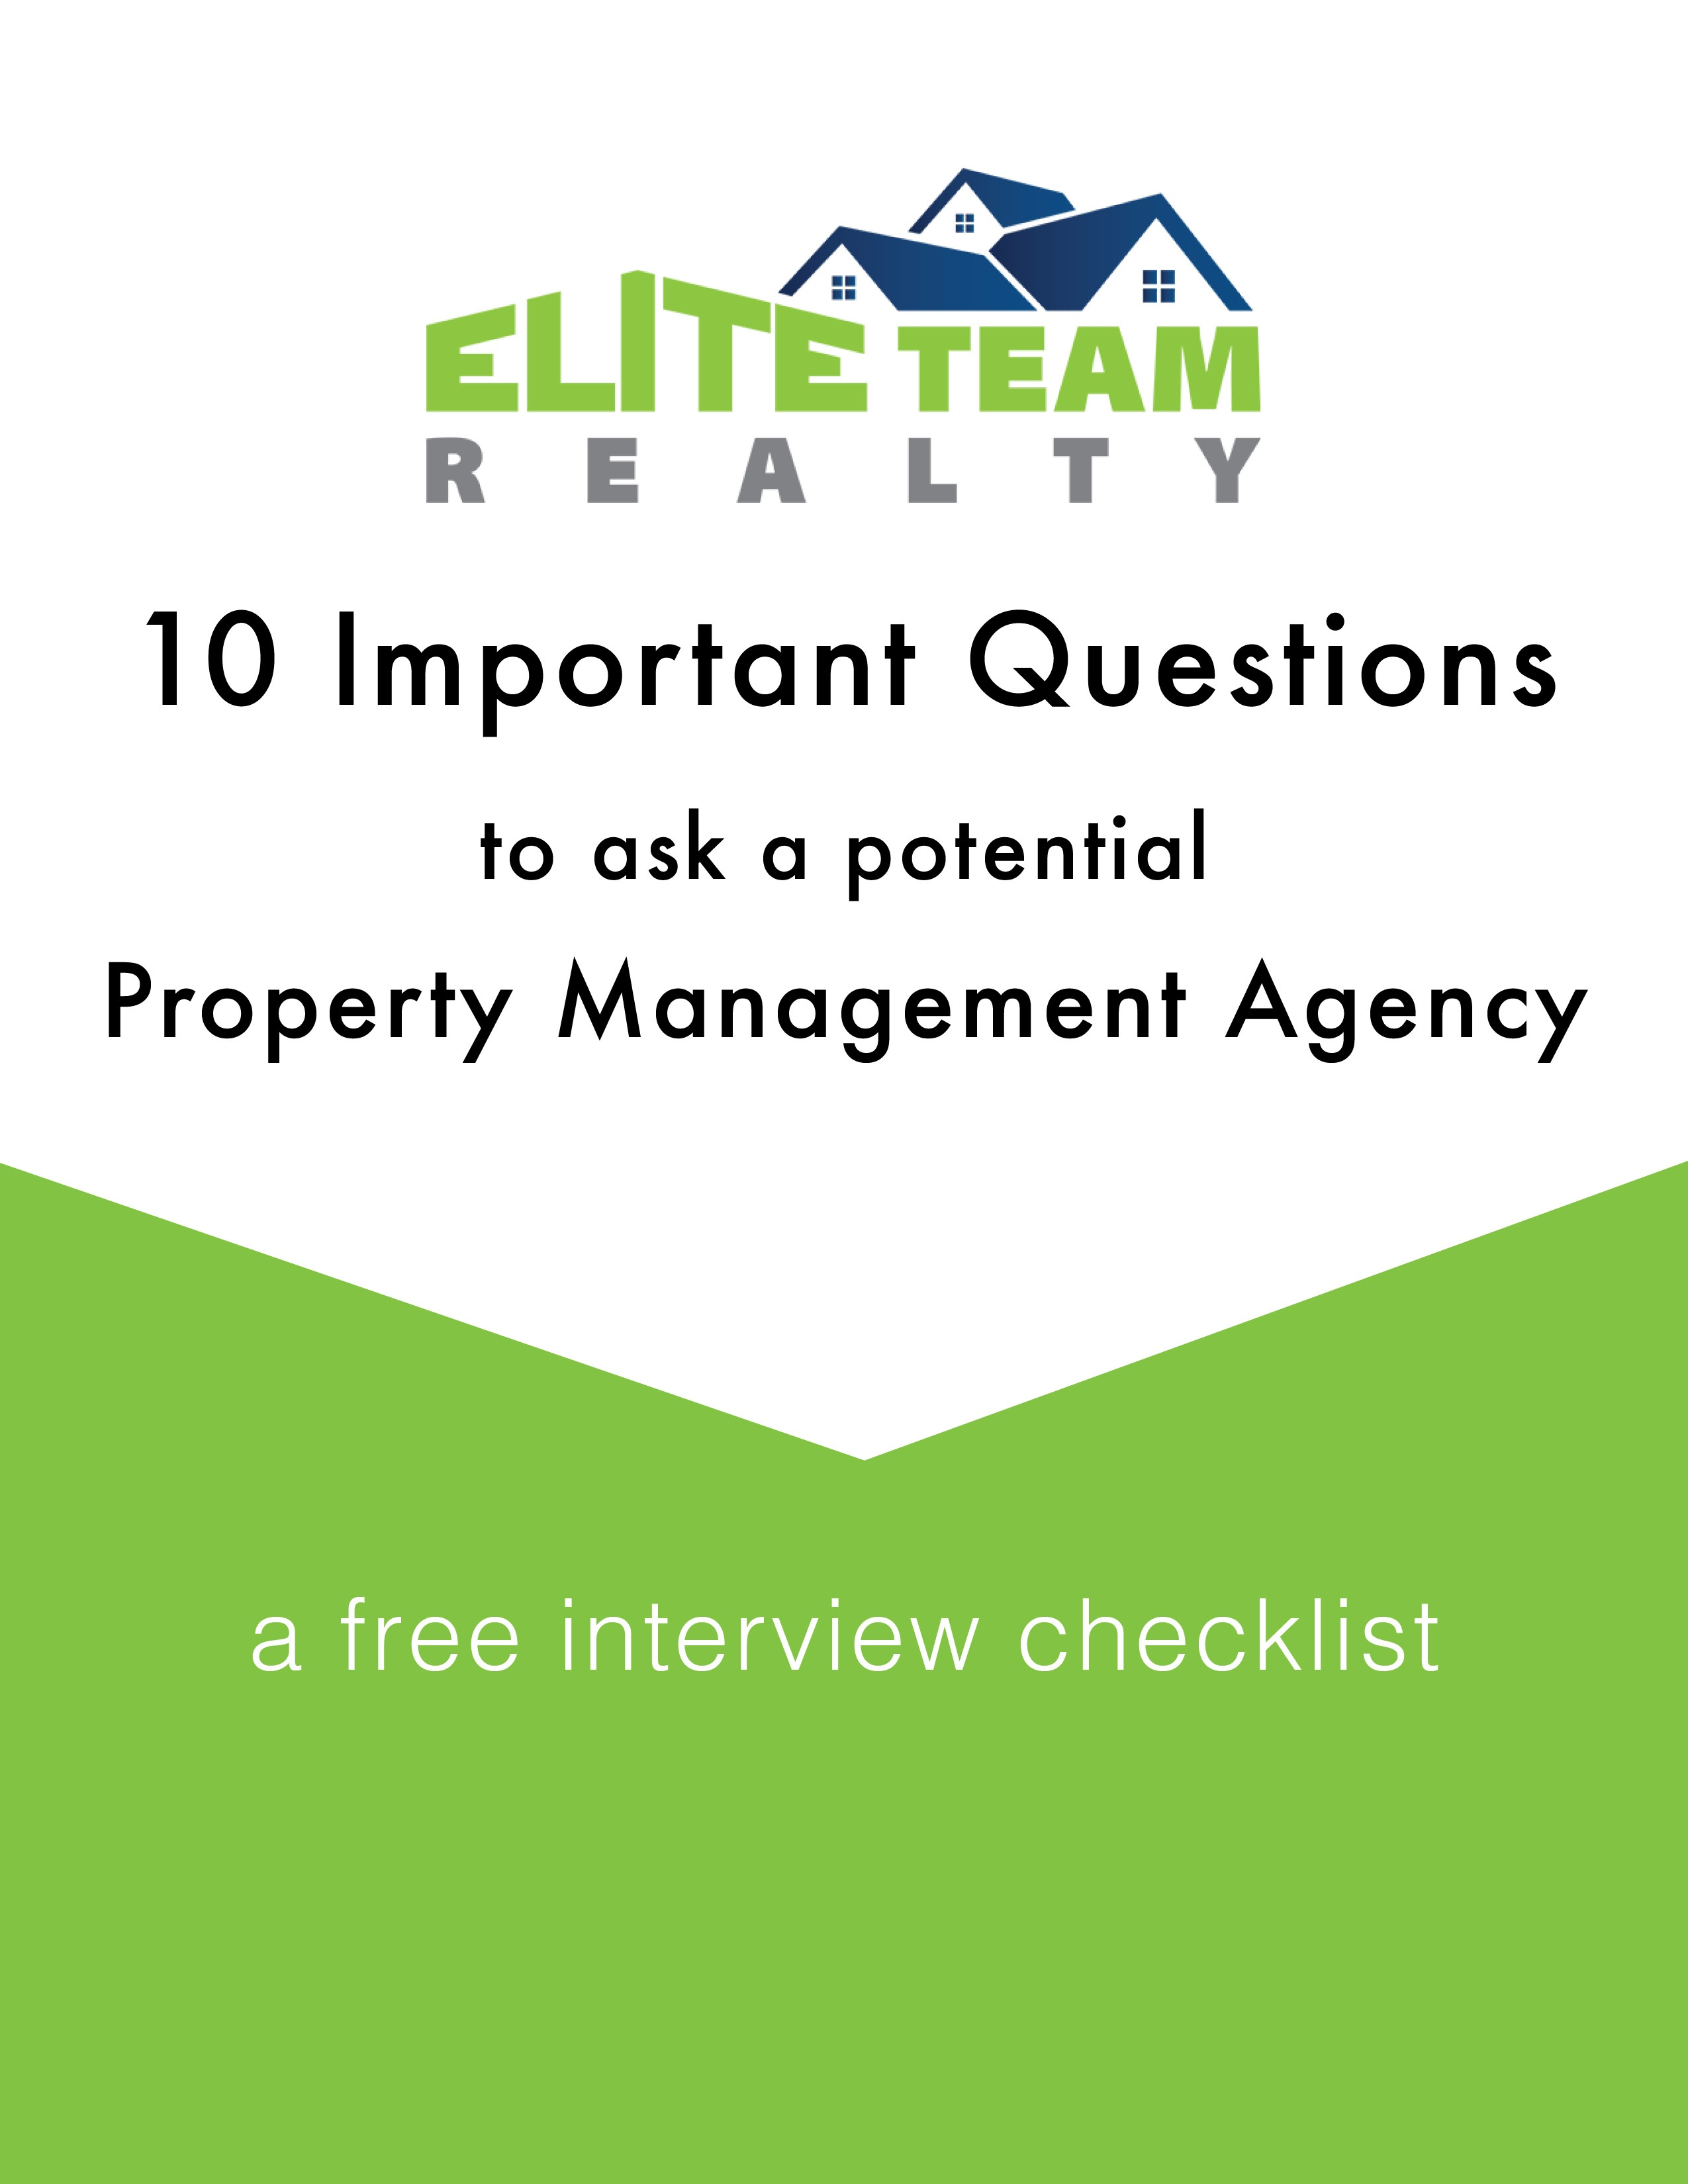 PropertyManagerChecklist